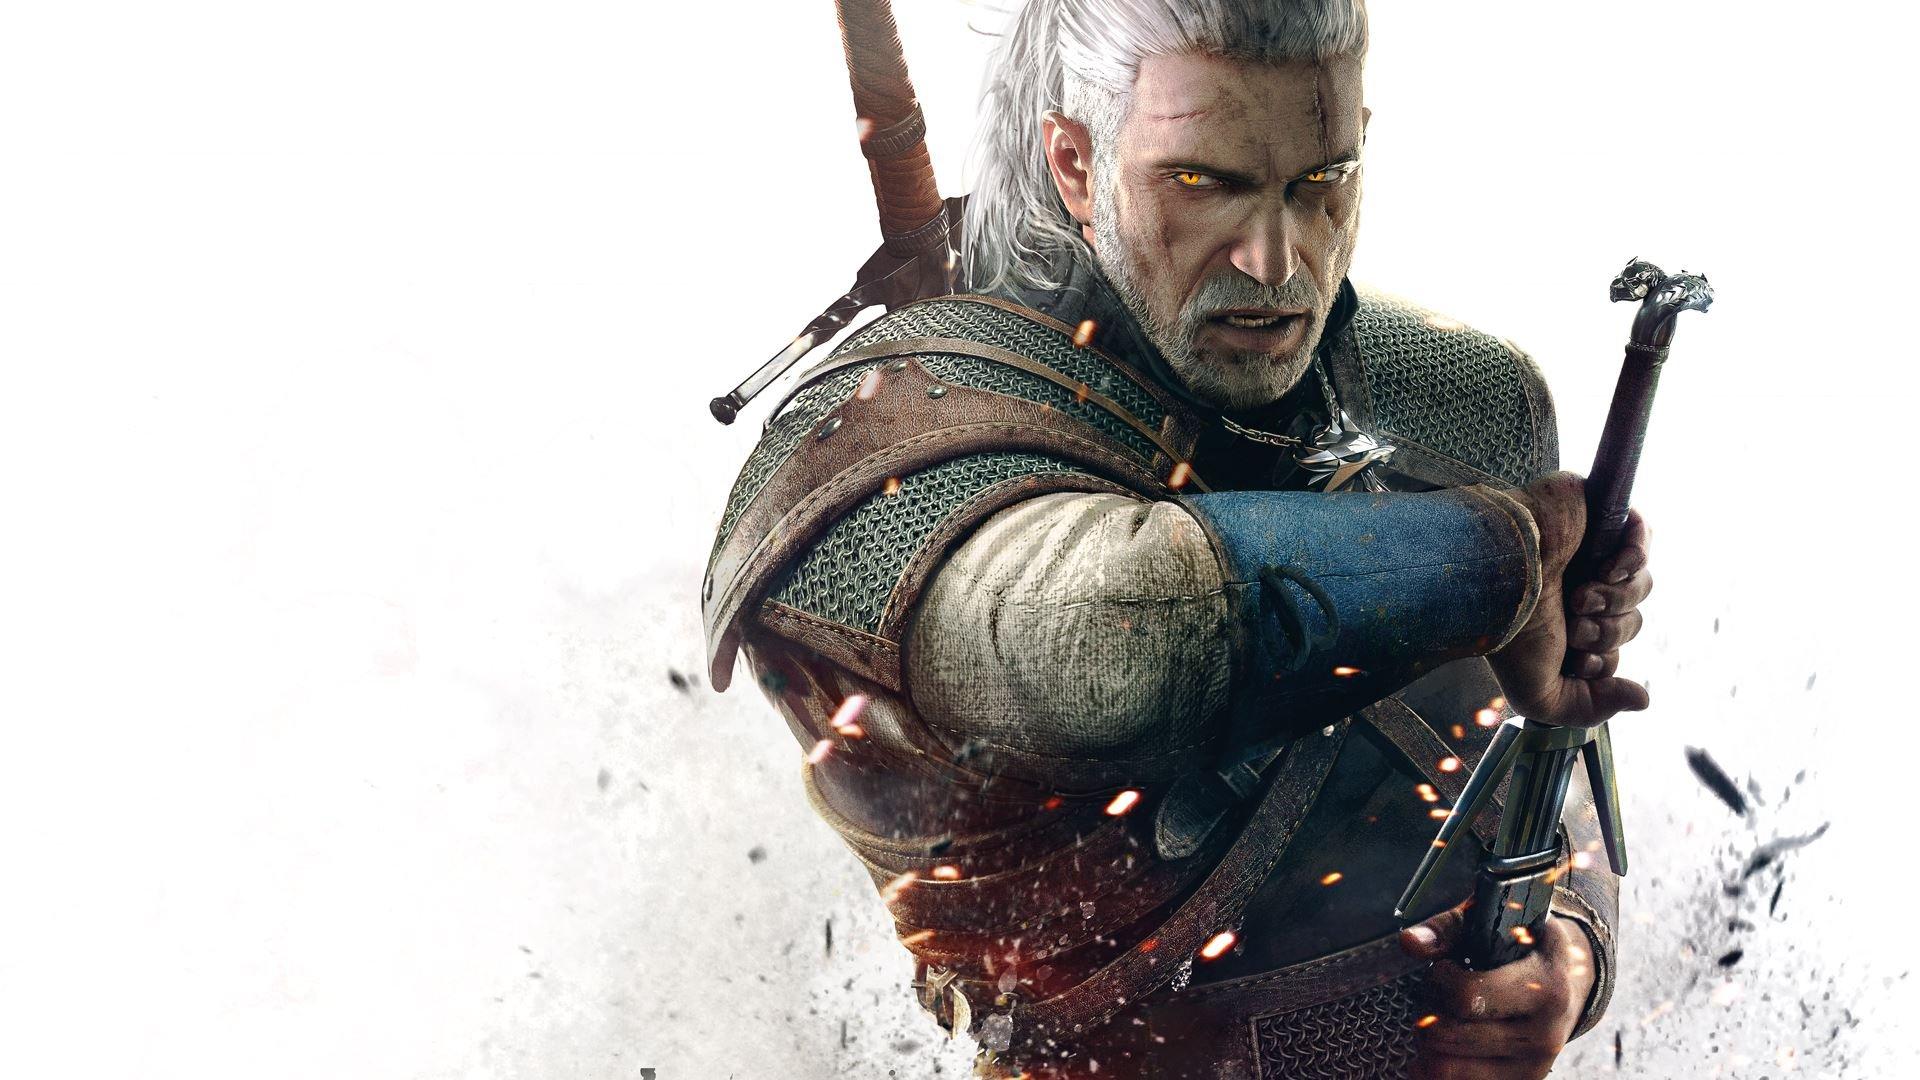 В The Witcher 3 не будет открытого мира. Будут отдельные, не связанные друг с другом локации как Dragon Age: Inquis ... - Изображение 1